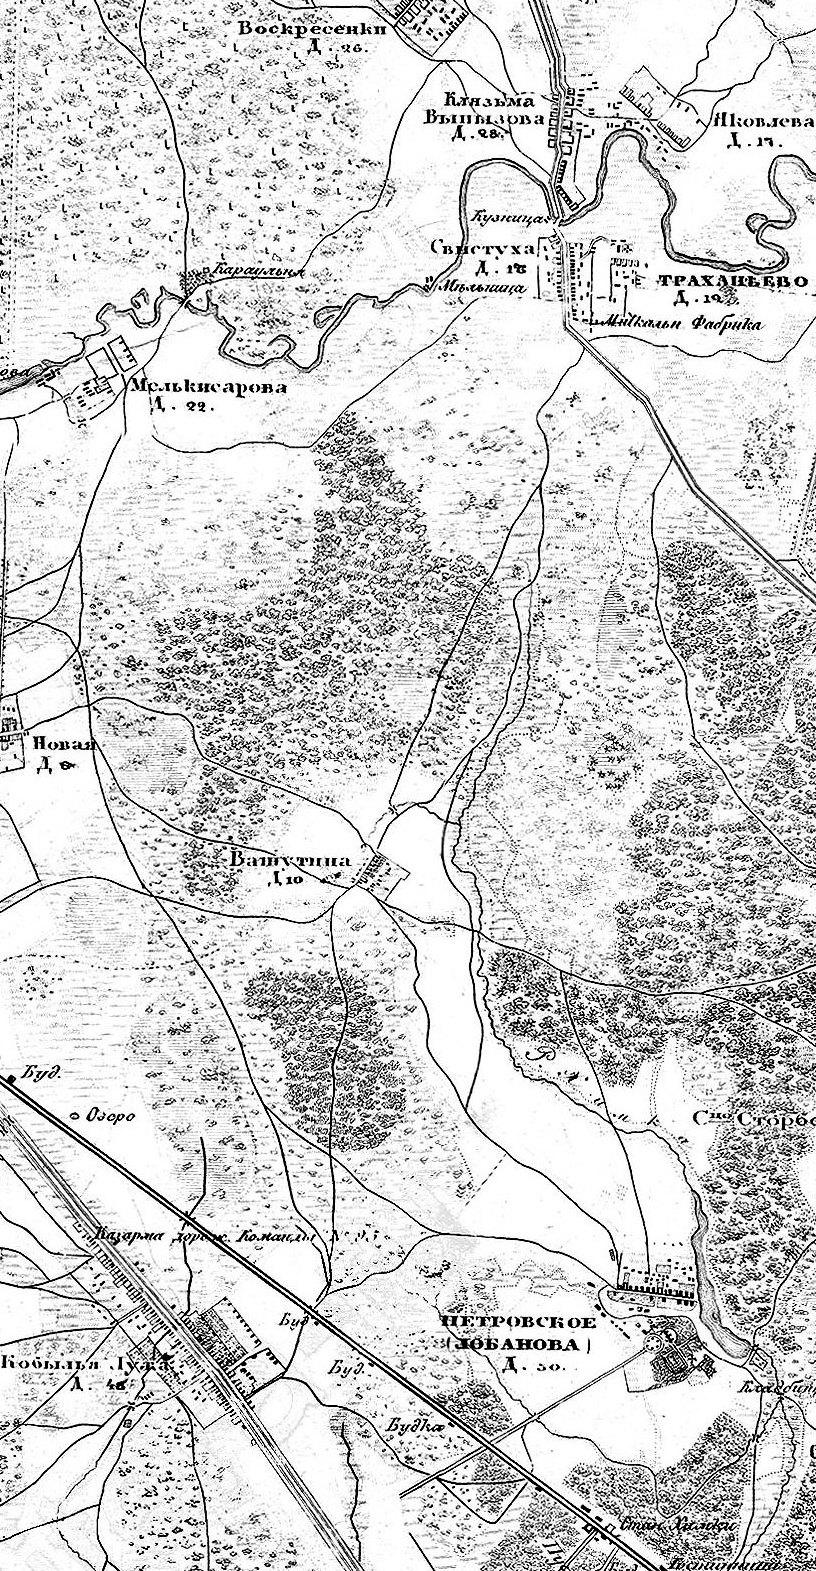 Рис. 2 Фрагмент топографической карты окрестностей Москвы. Гравирована 1852, исправлена в 1855, 1887г.